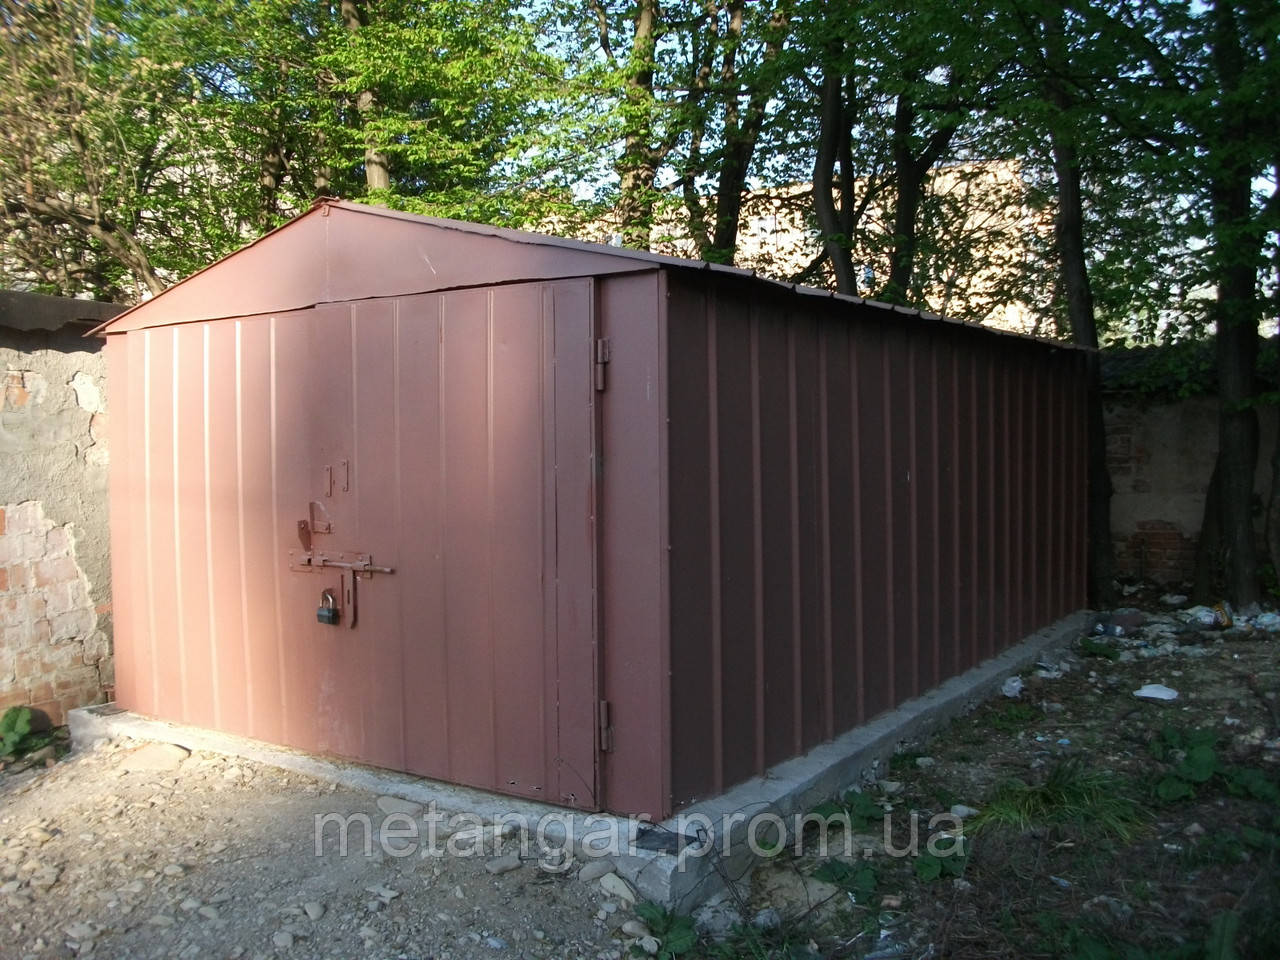 Купить бу металлический гараж металлические стеллажи для гаража в тюмени